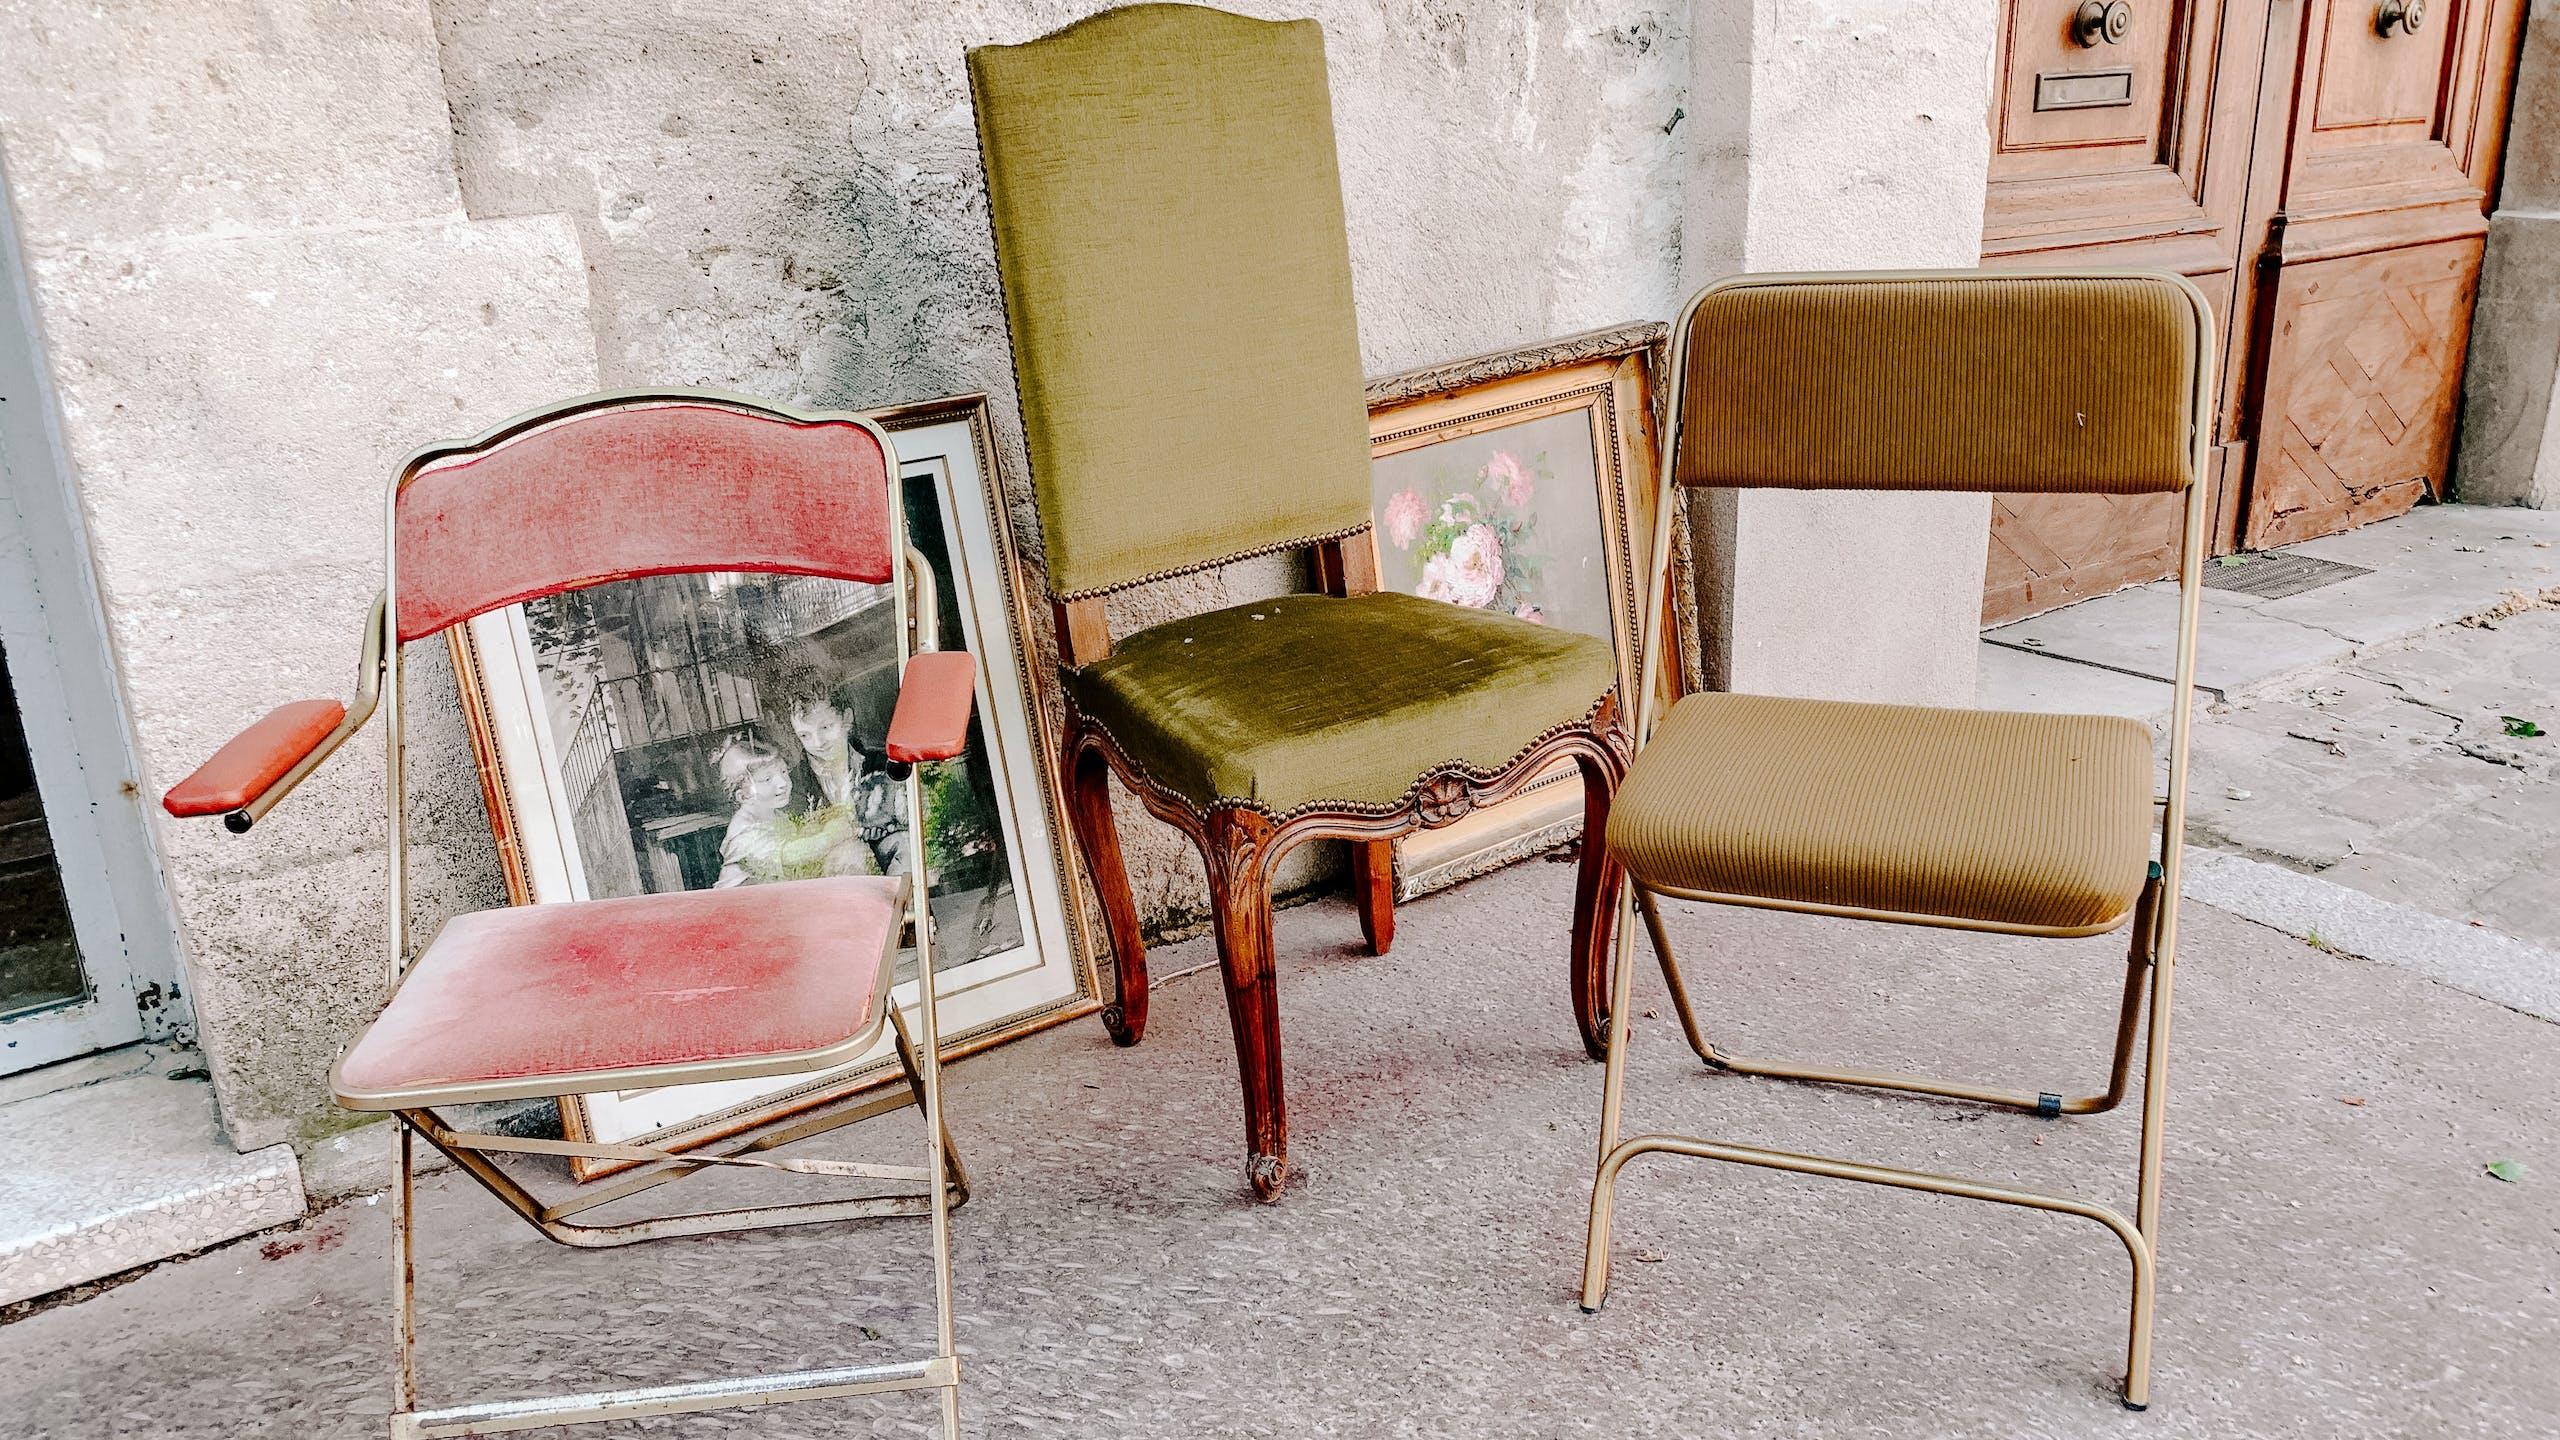 Une photo de fauteuils et de chaises vintage